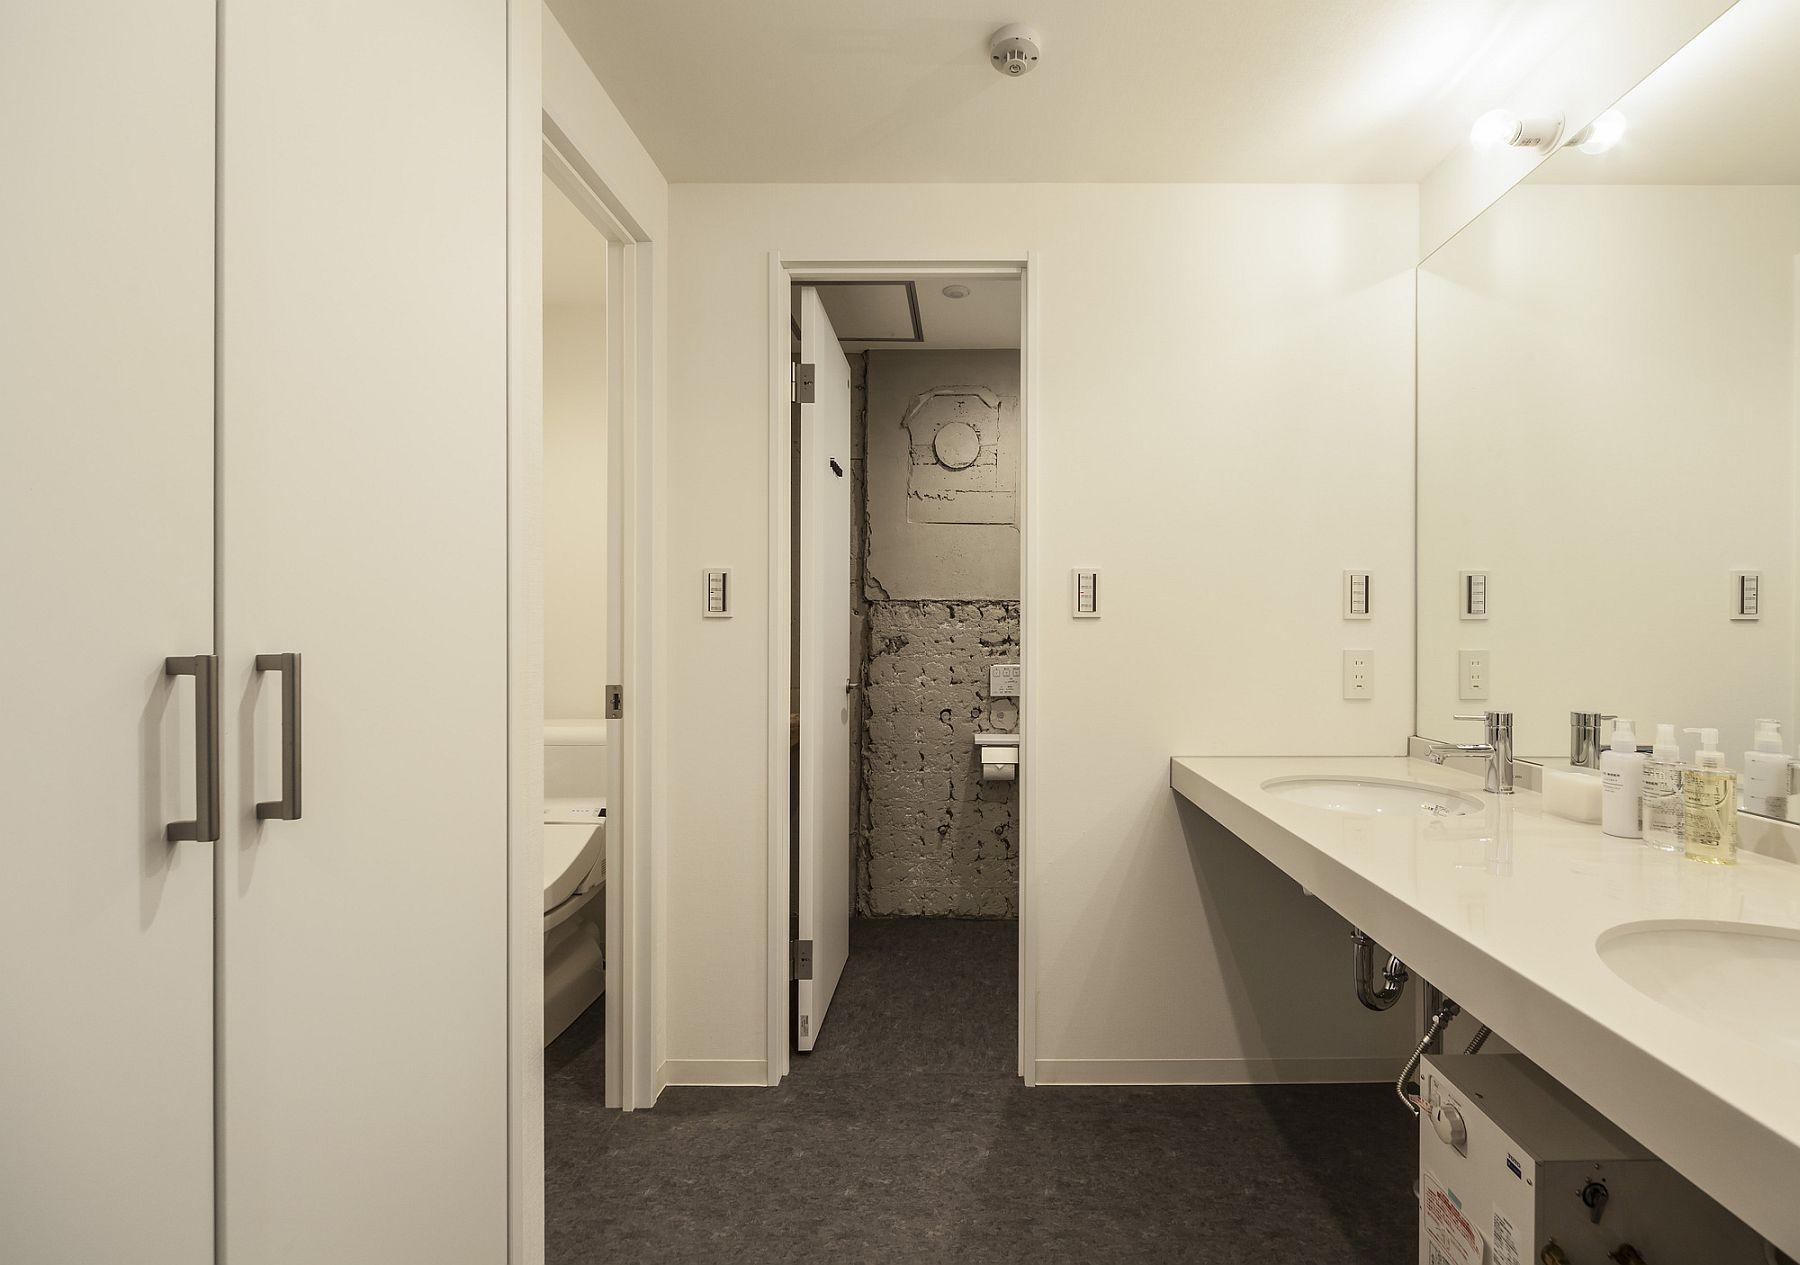 Bathrooms in white put ergonomics ahead of aesthetics